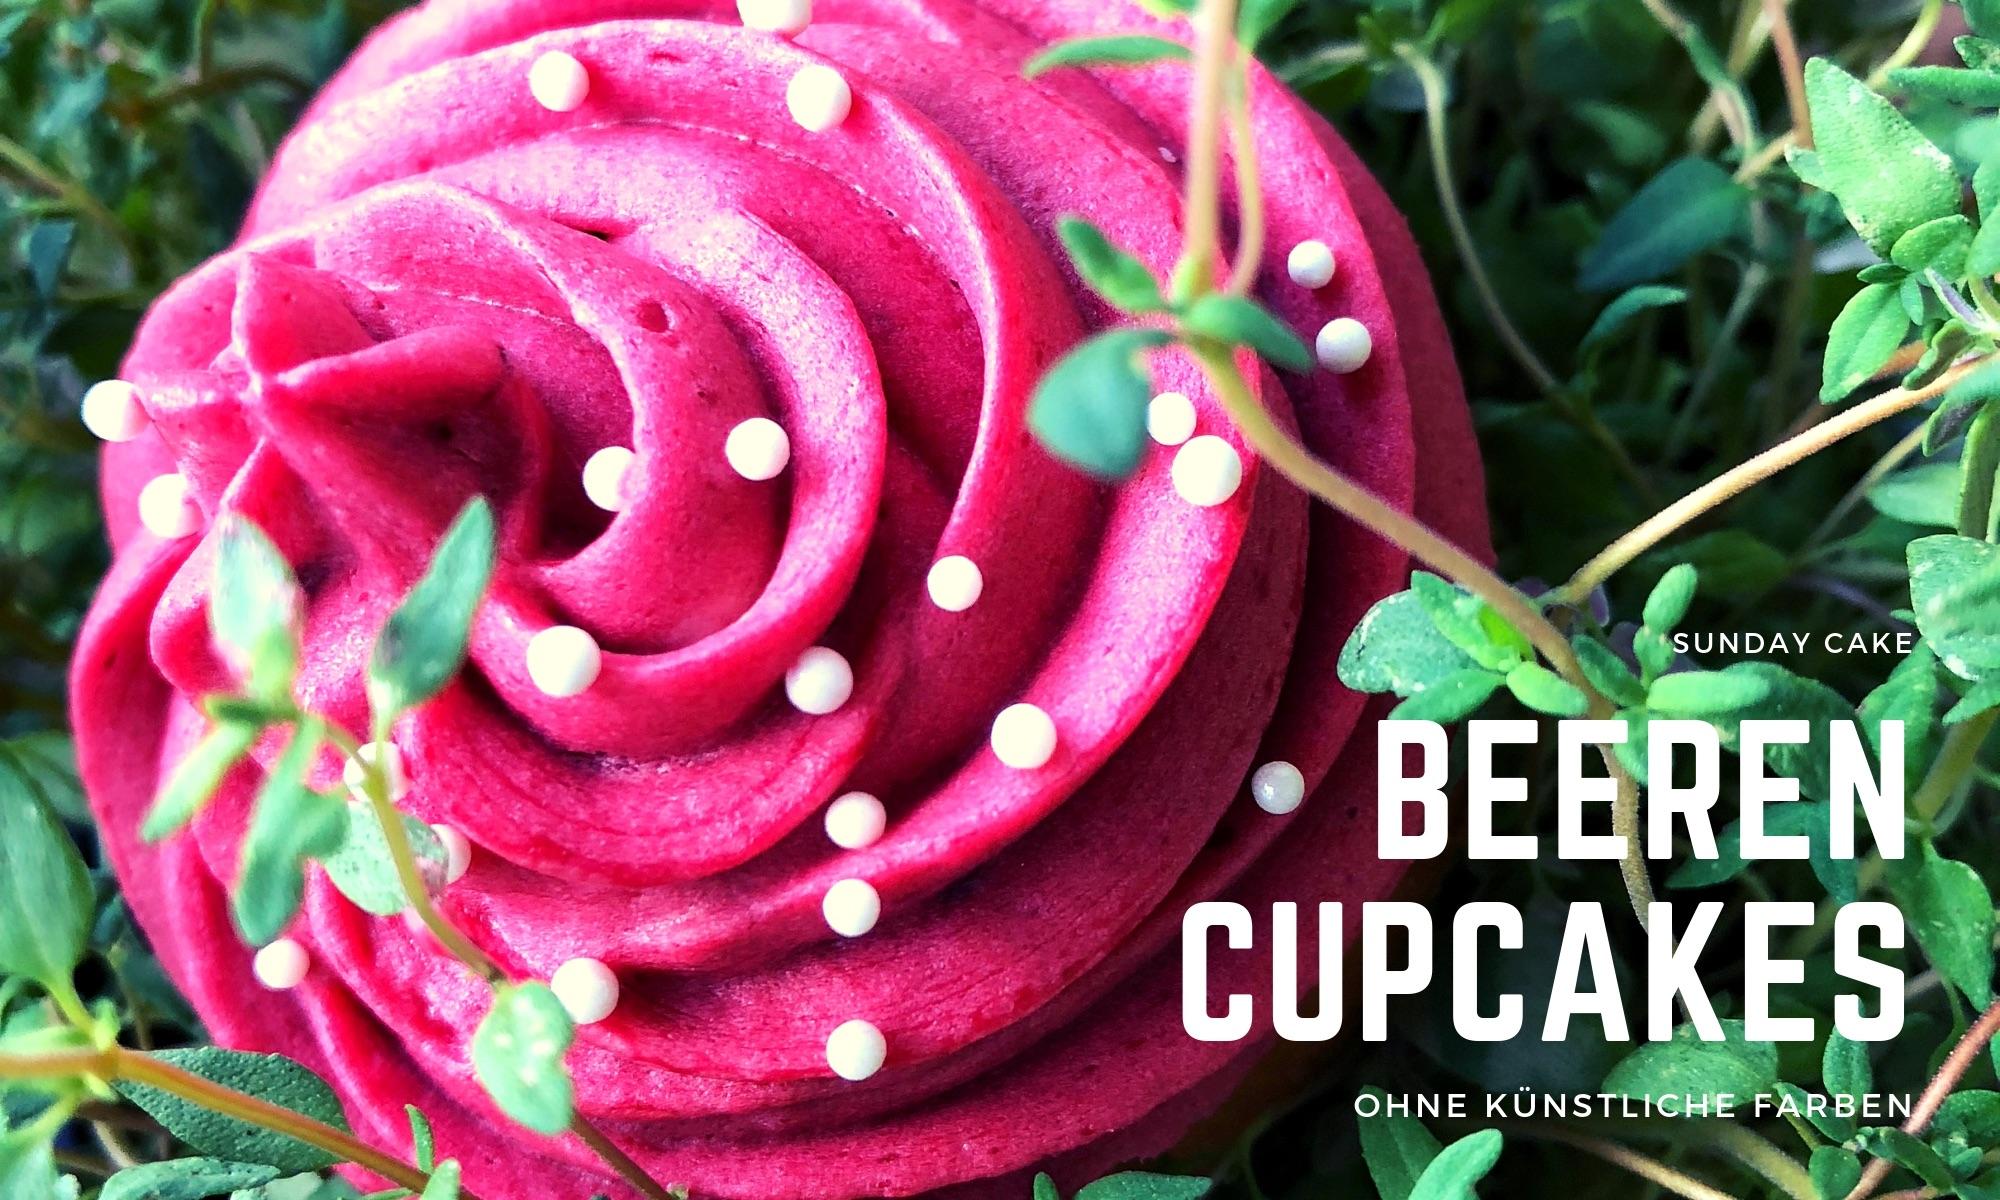 Beeren-Cupcakes